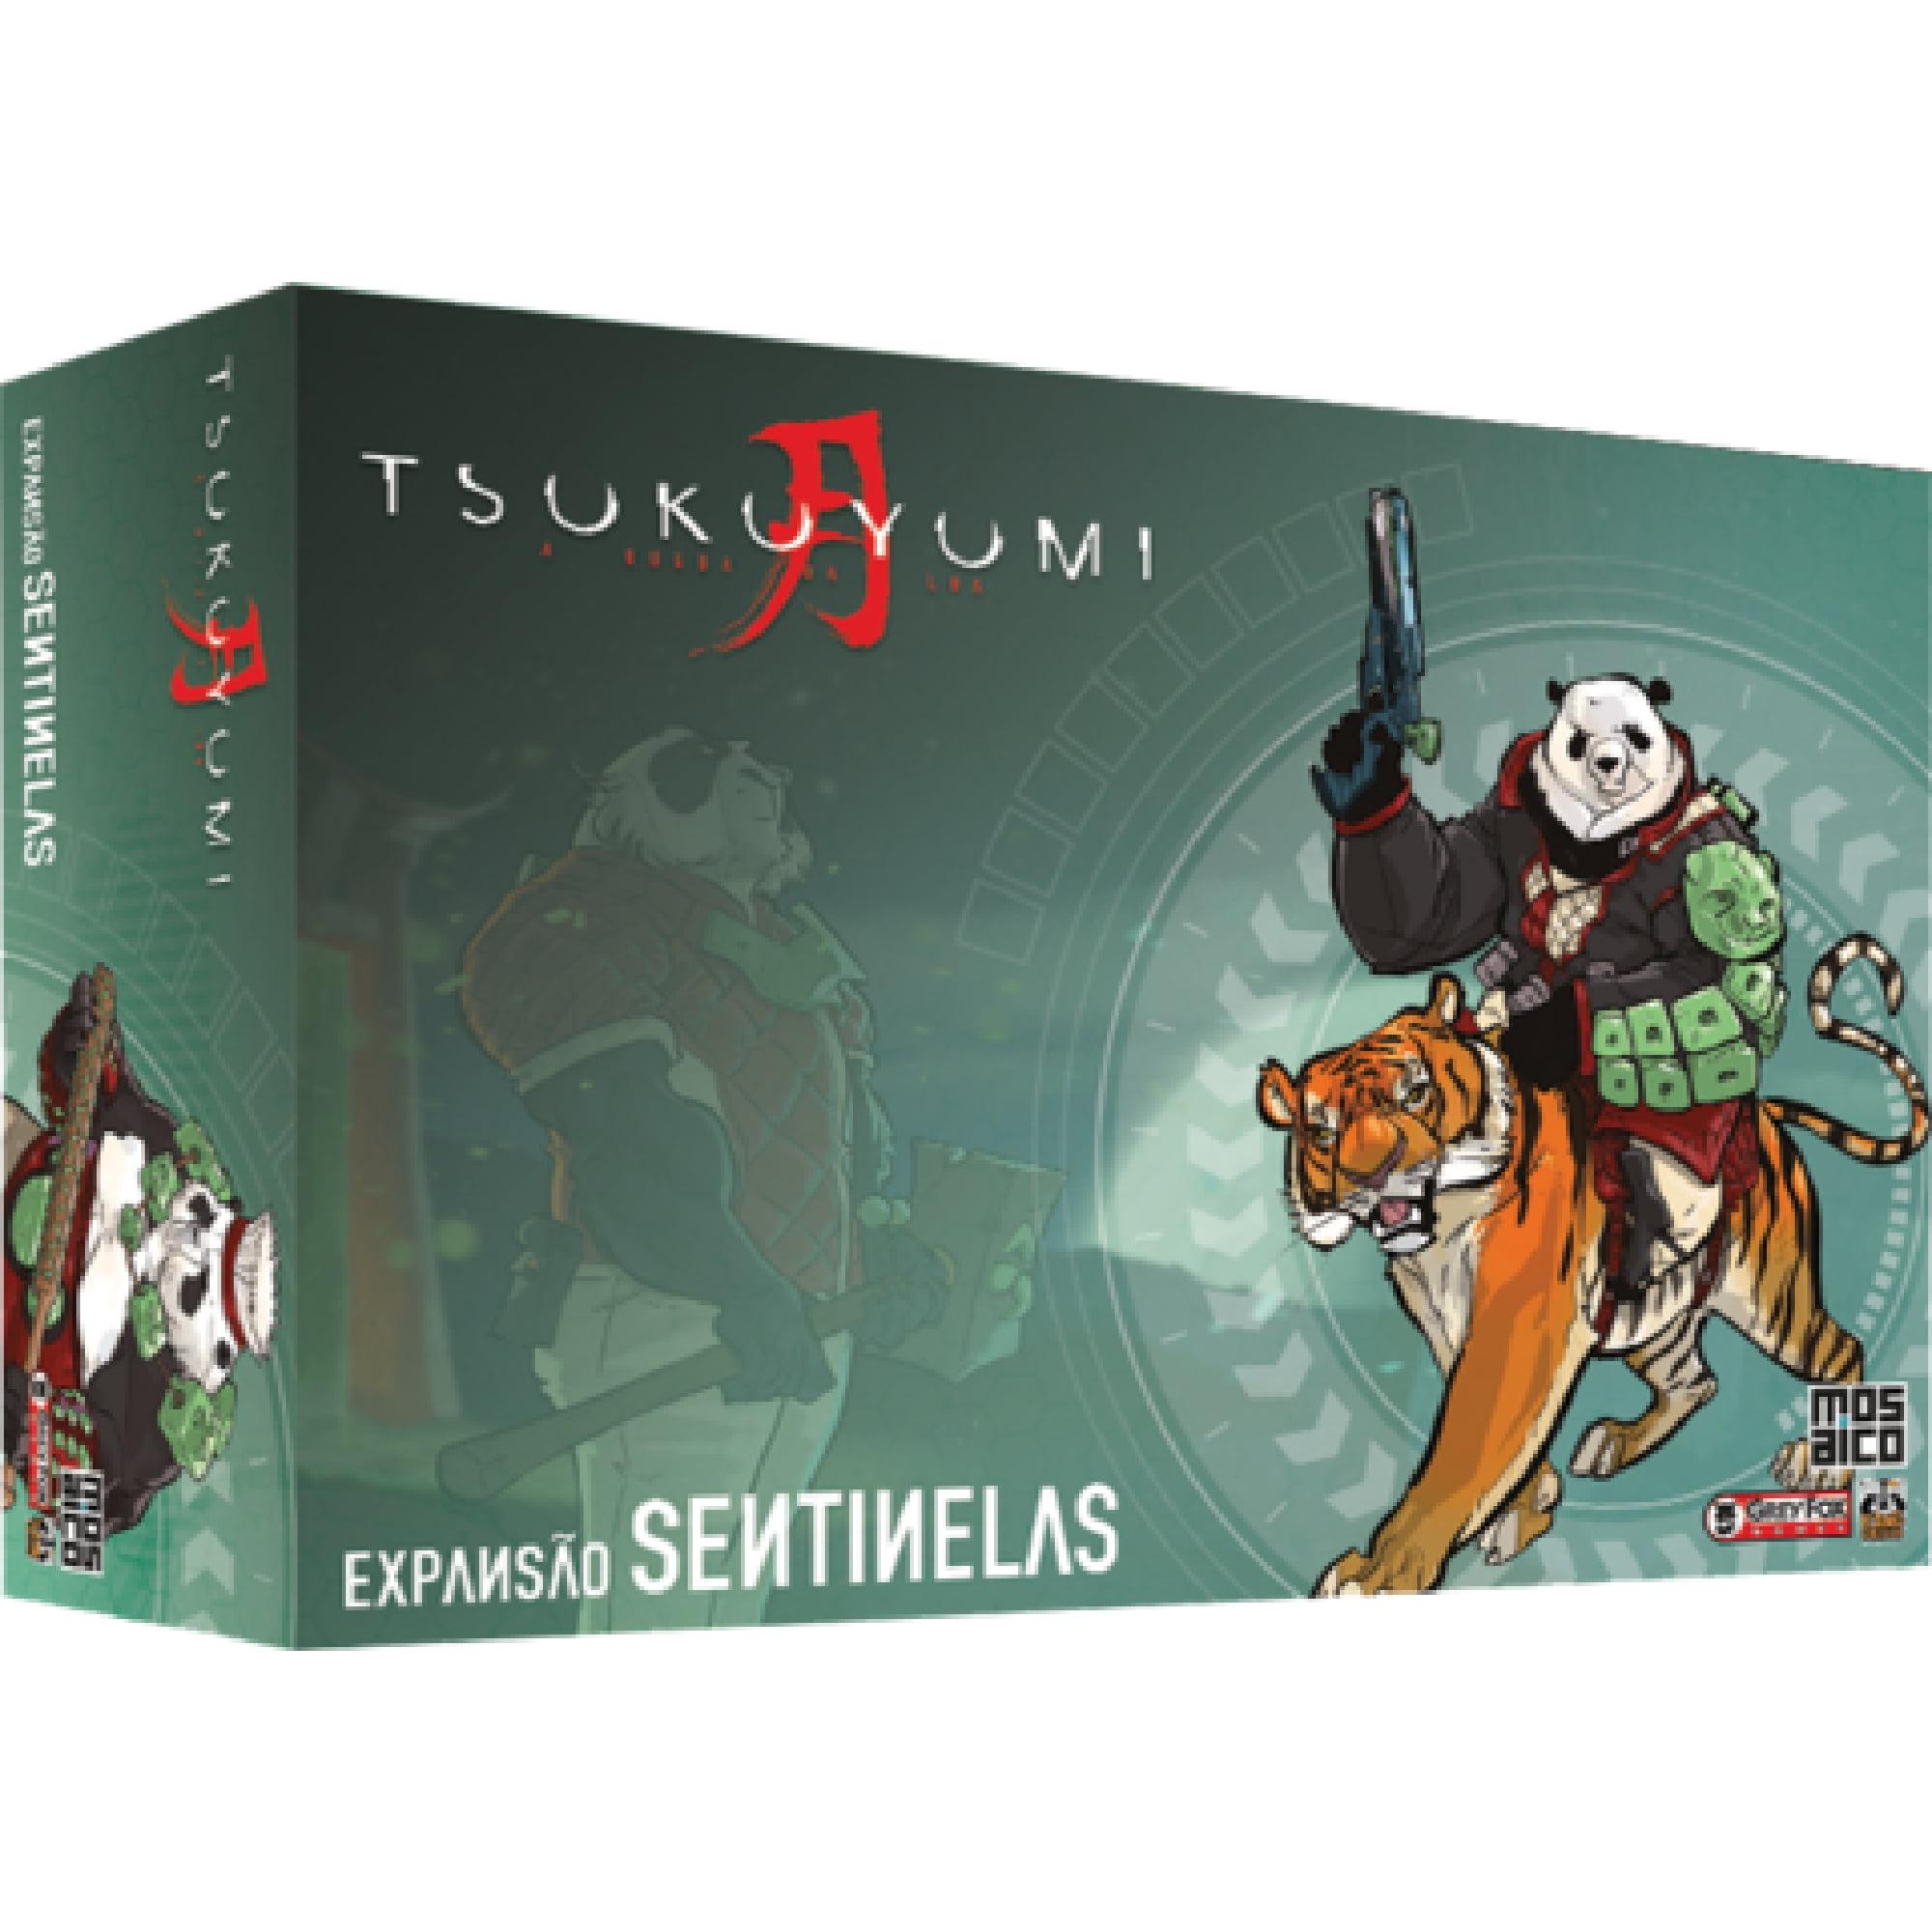 Tsukuyumi: Sentinelas - Expansão